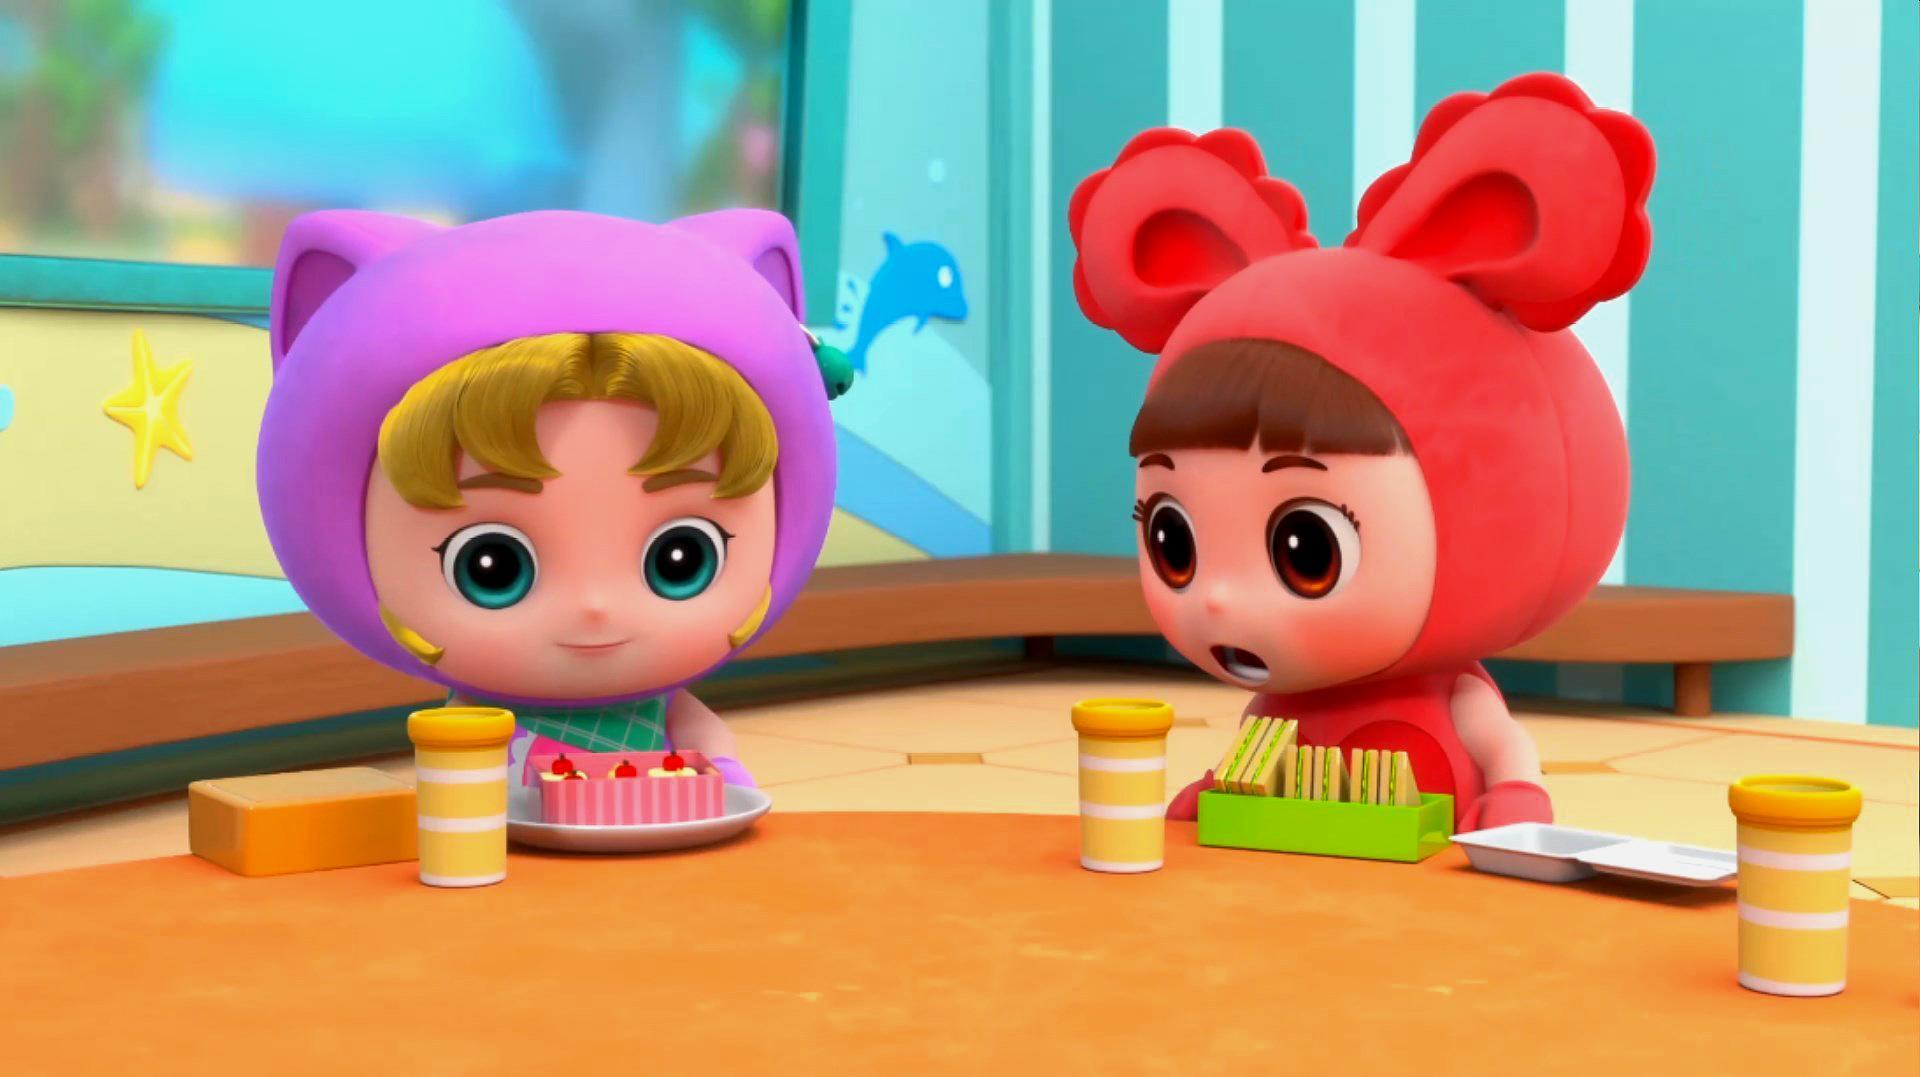 百变校巴:小茜的食物真漂亮,一定会很好吃的,迪迪好羡慕呀